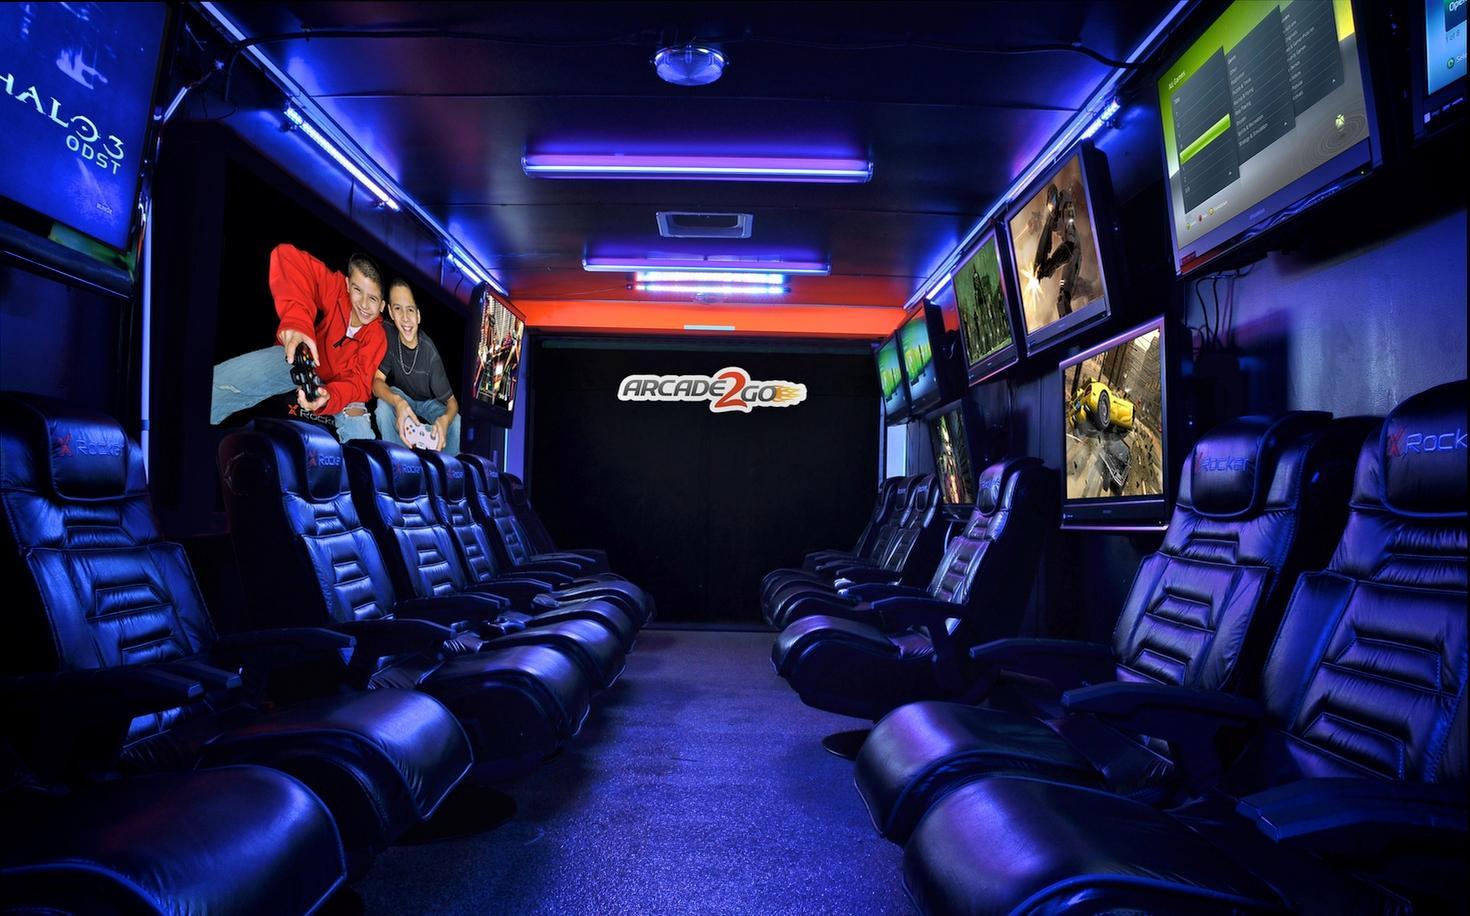 arcade machine background